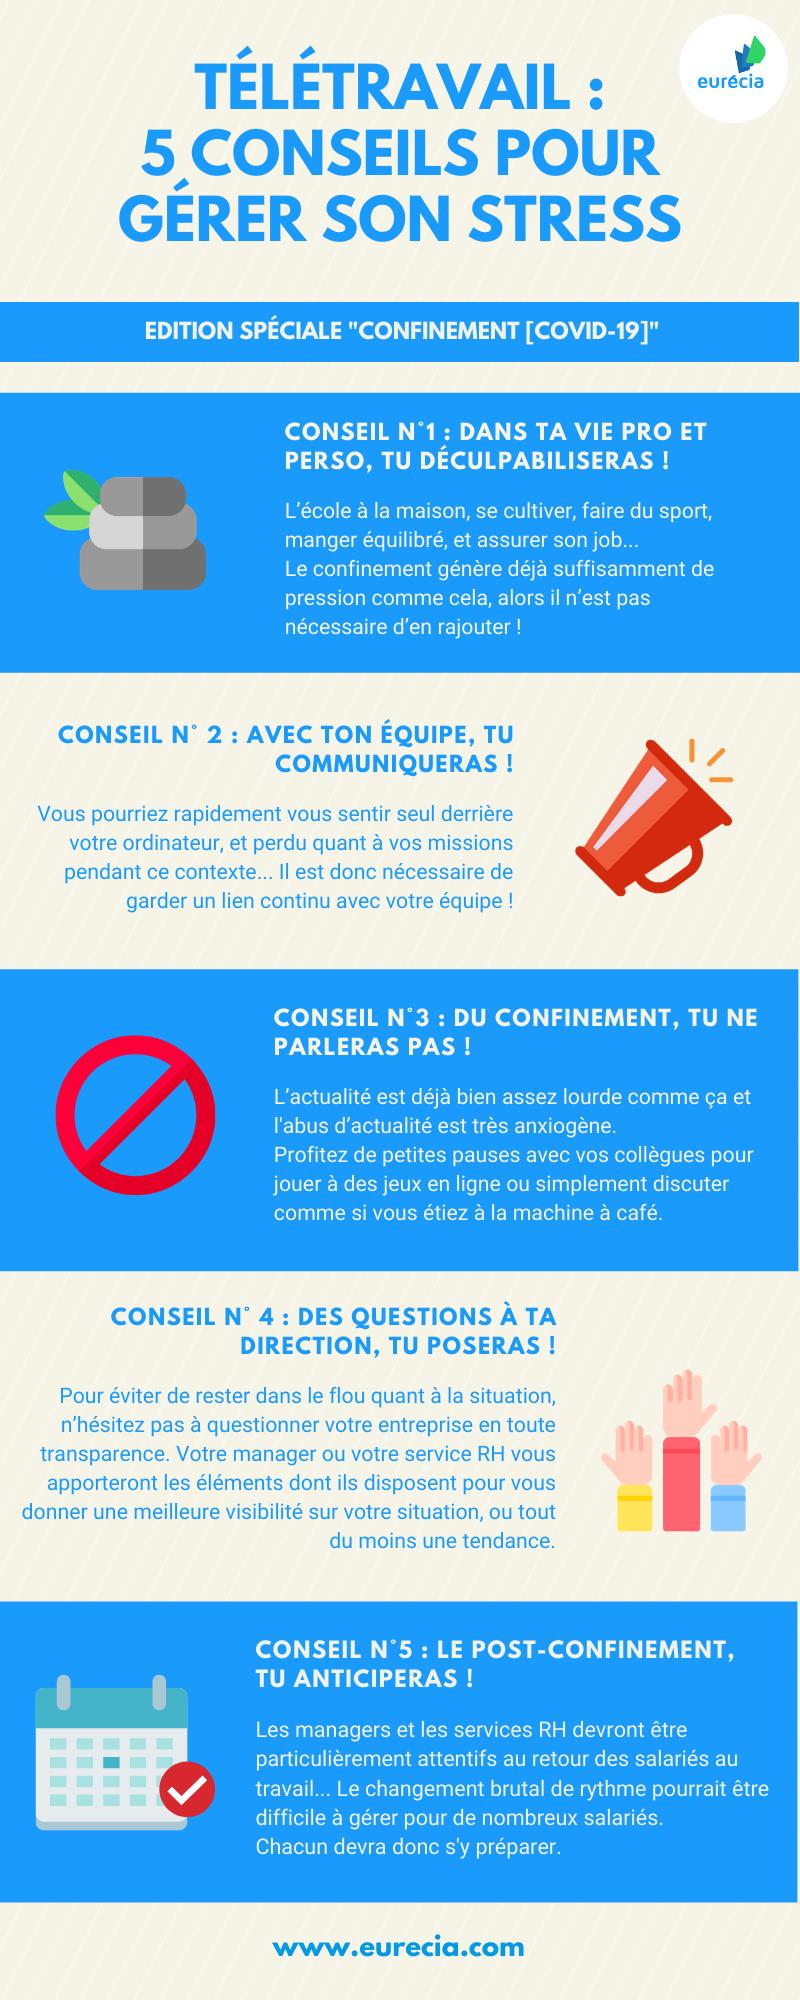 infographie_teletravail-5-conseils-pour-gerer-son-stress.png